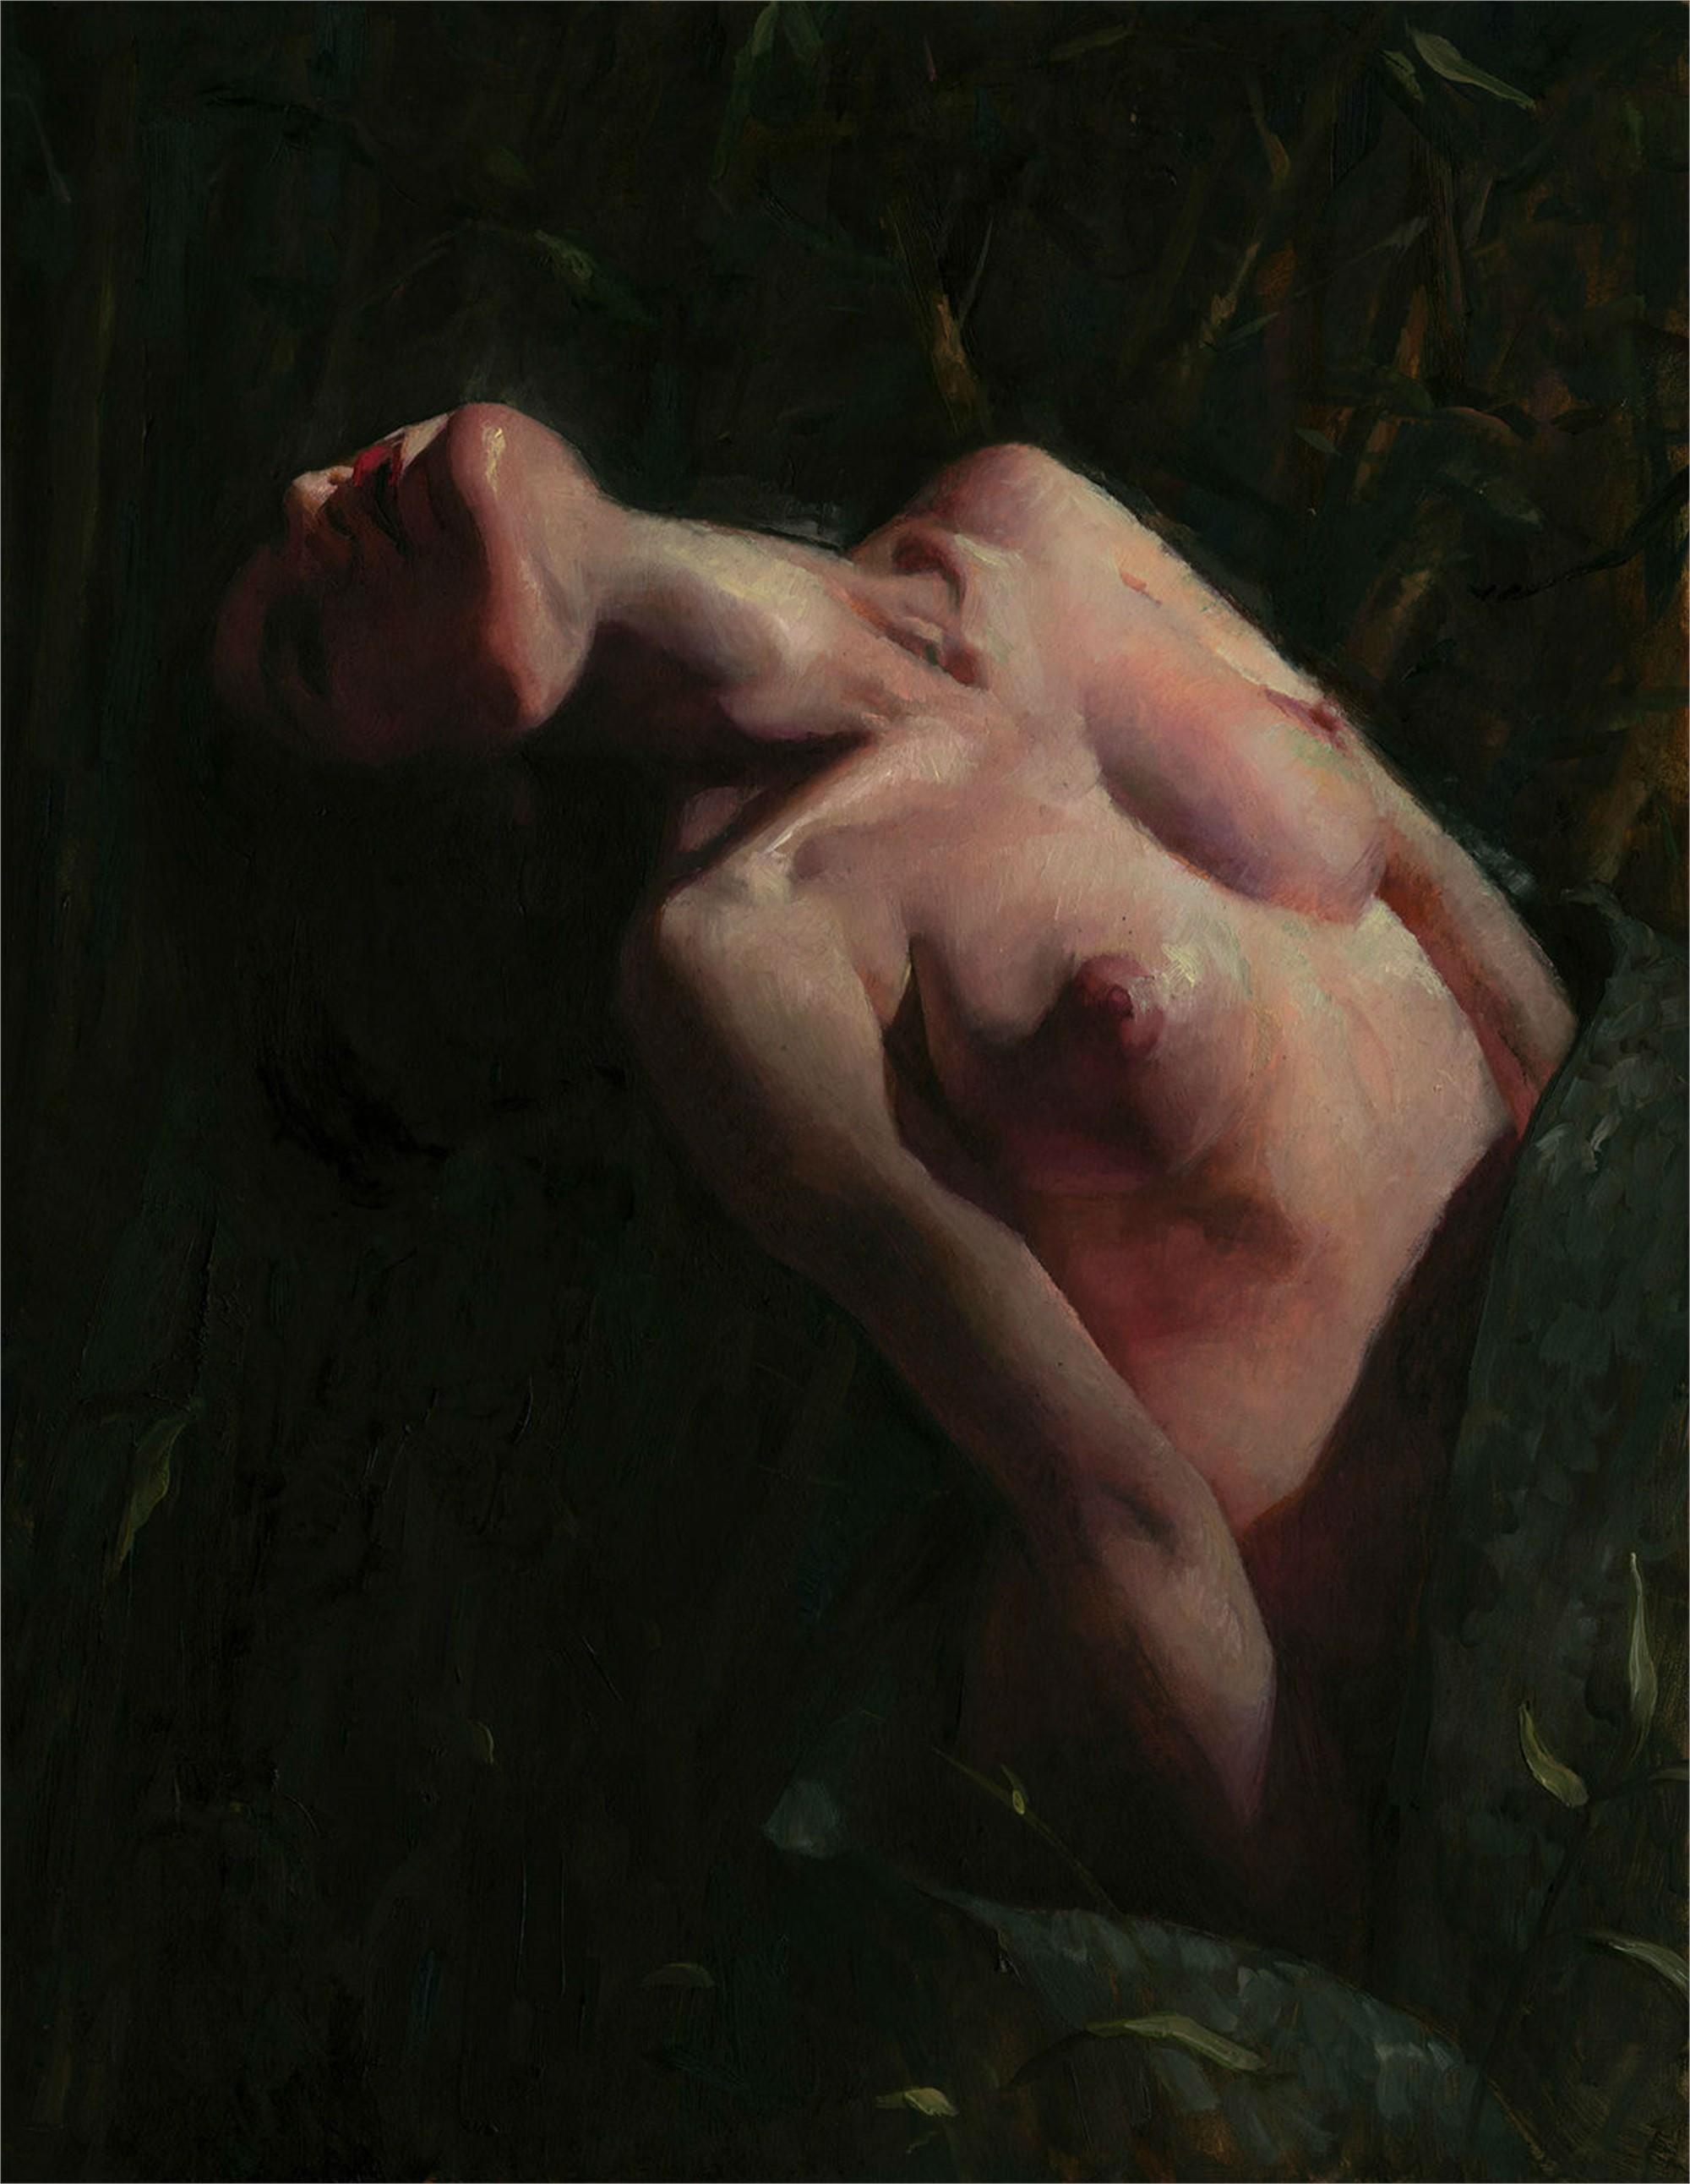 Secret Garden 3 by Jane Radstrom